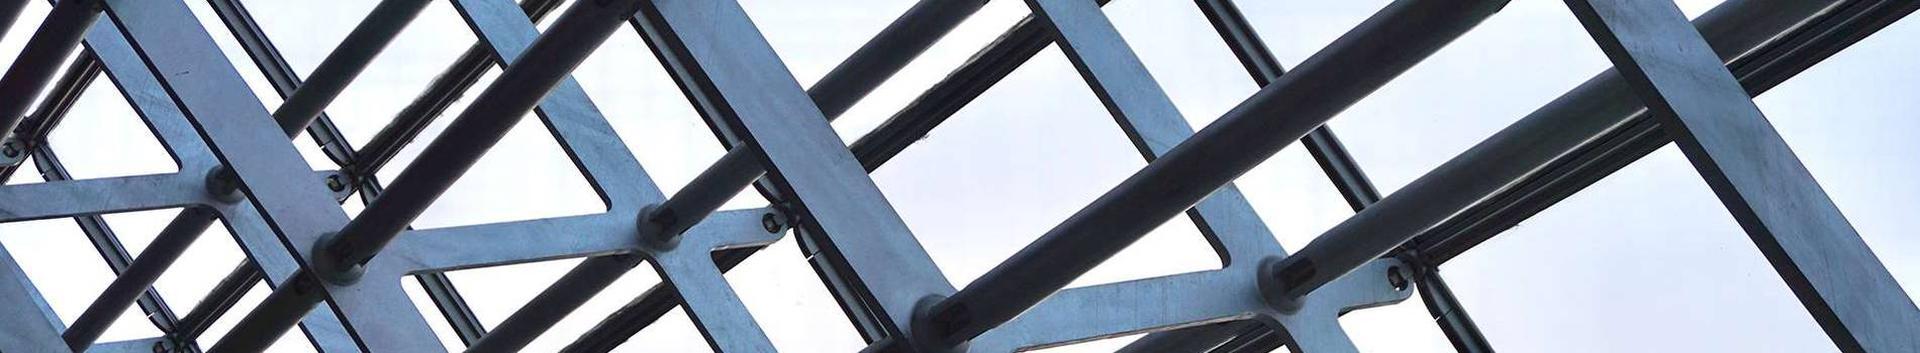 2511_metallkonstruktsioonide-tootmine_92491998_xl.jpg